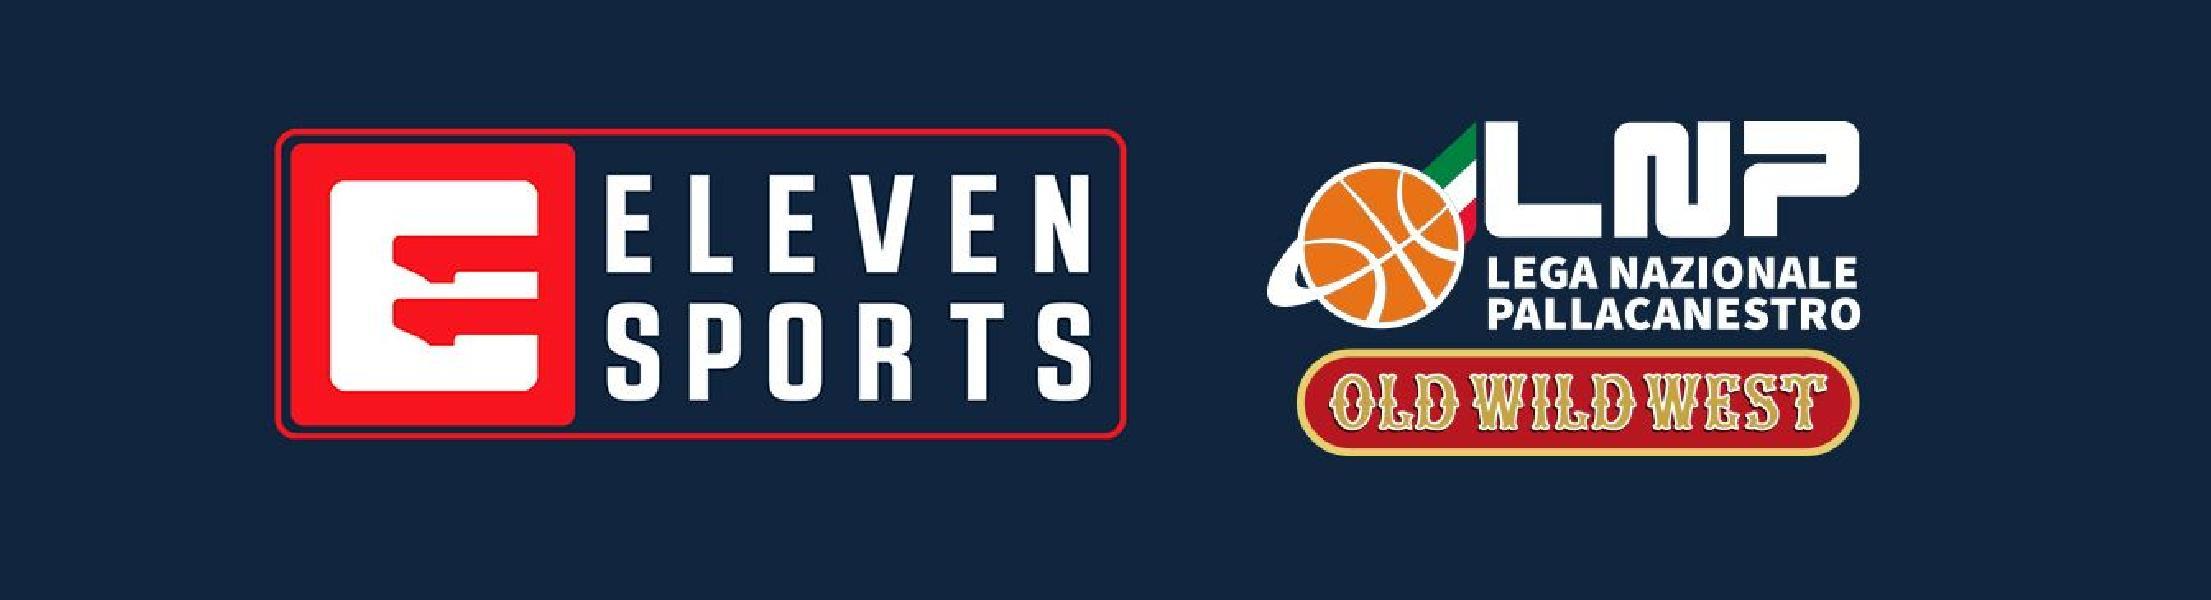 https://www.basketmarche.it/immagini_articoli/14-05-2020/ufficializzato-accordo-eleven-sports-contenuti-streaming-serie-600.jpg